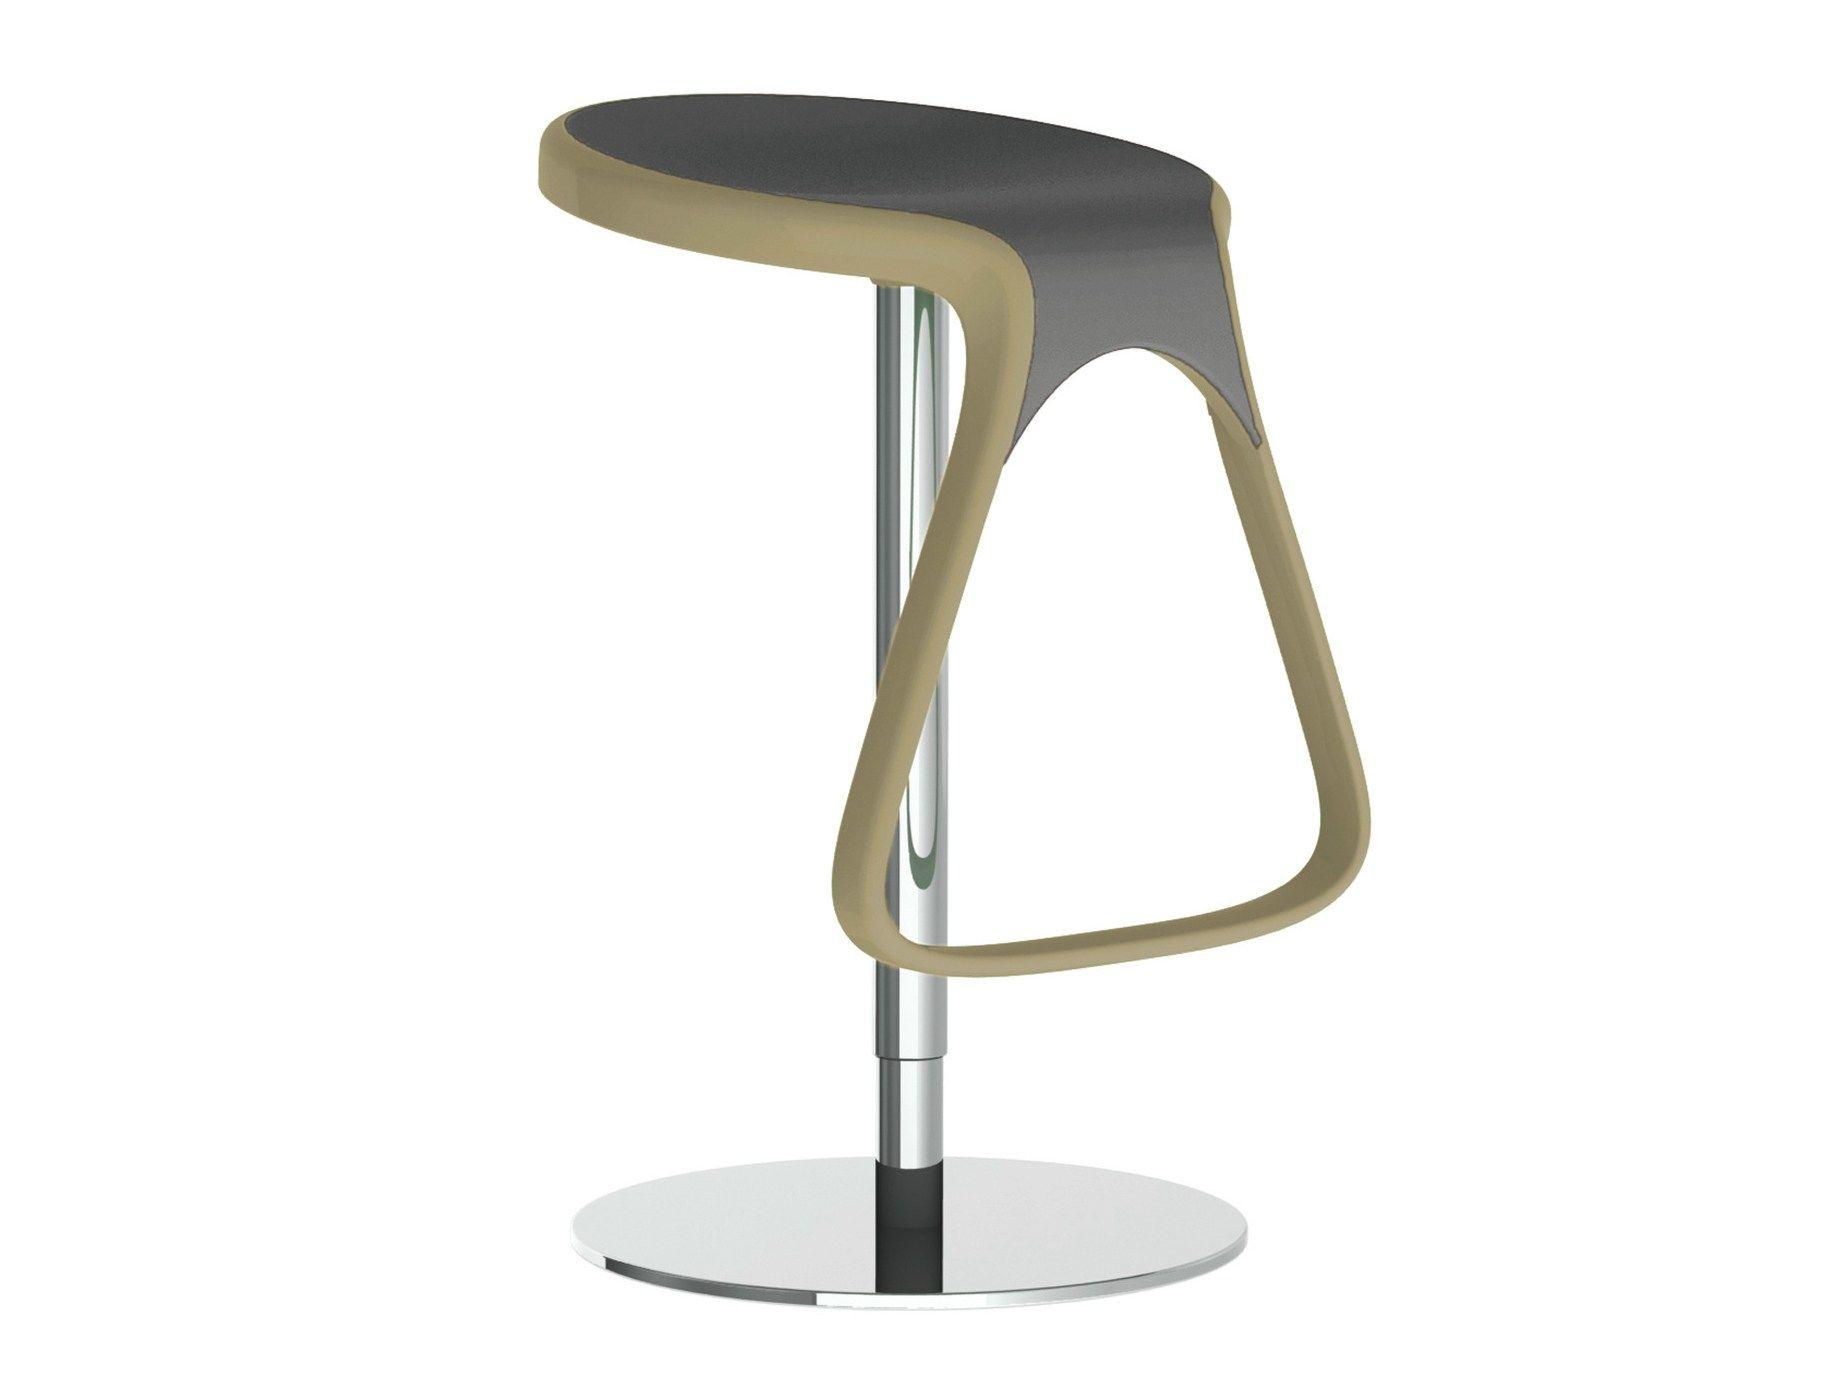 tabouret pivotant r glable en hauteur octo by gaber design. Black Bedroom Furniture Sets. Home Design Ideas